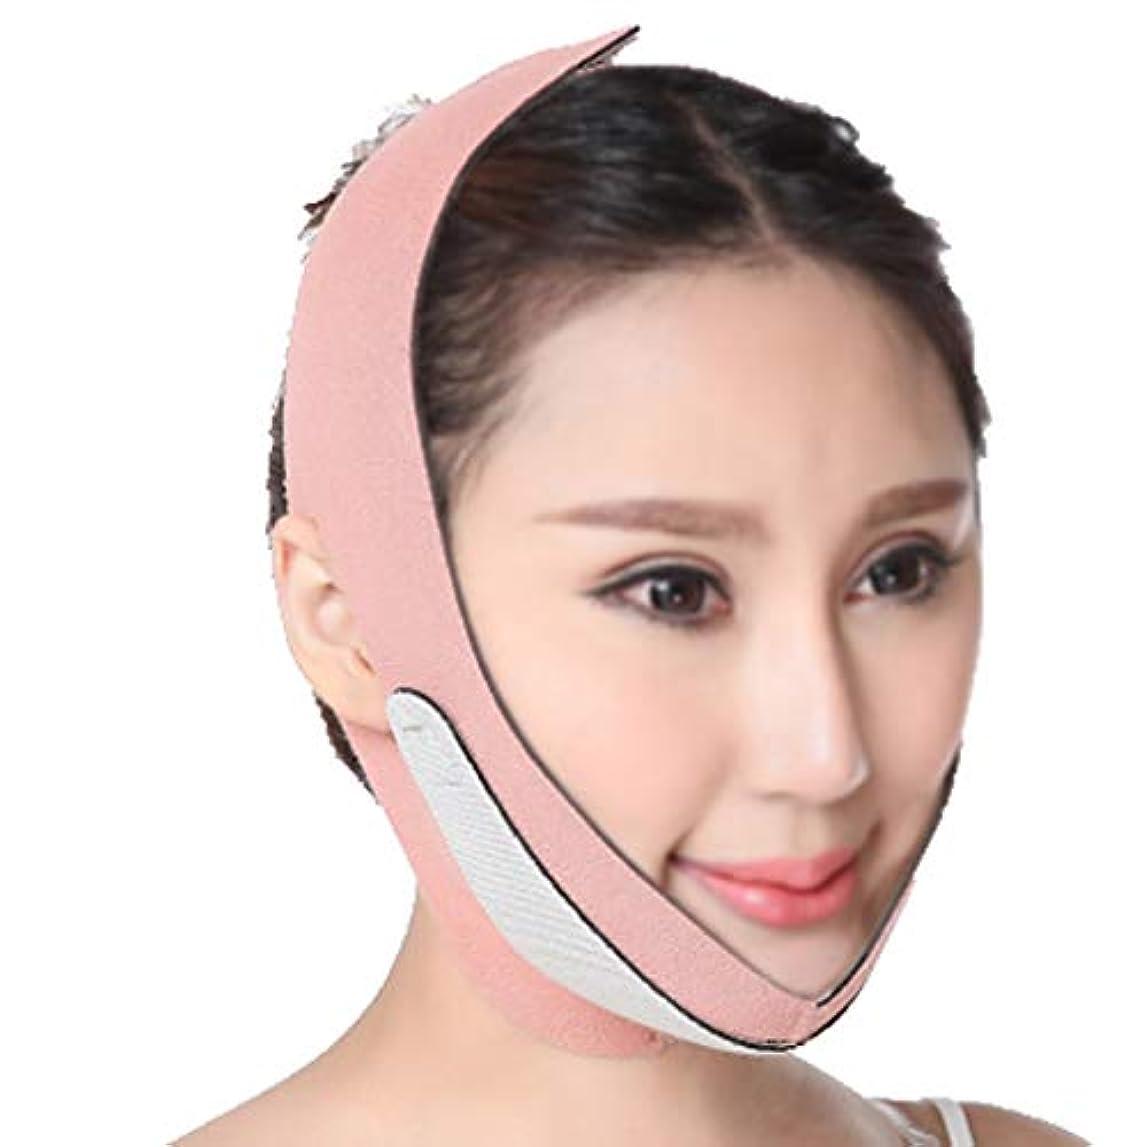 プロフィール油膿瘍顔の痩身マスク痩身包帯通気性フェイシャルダブルチンケア減量フェイスベルト